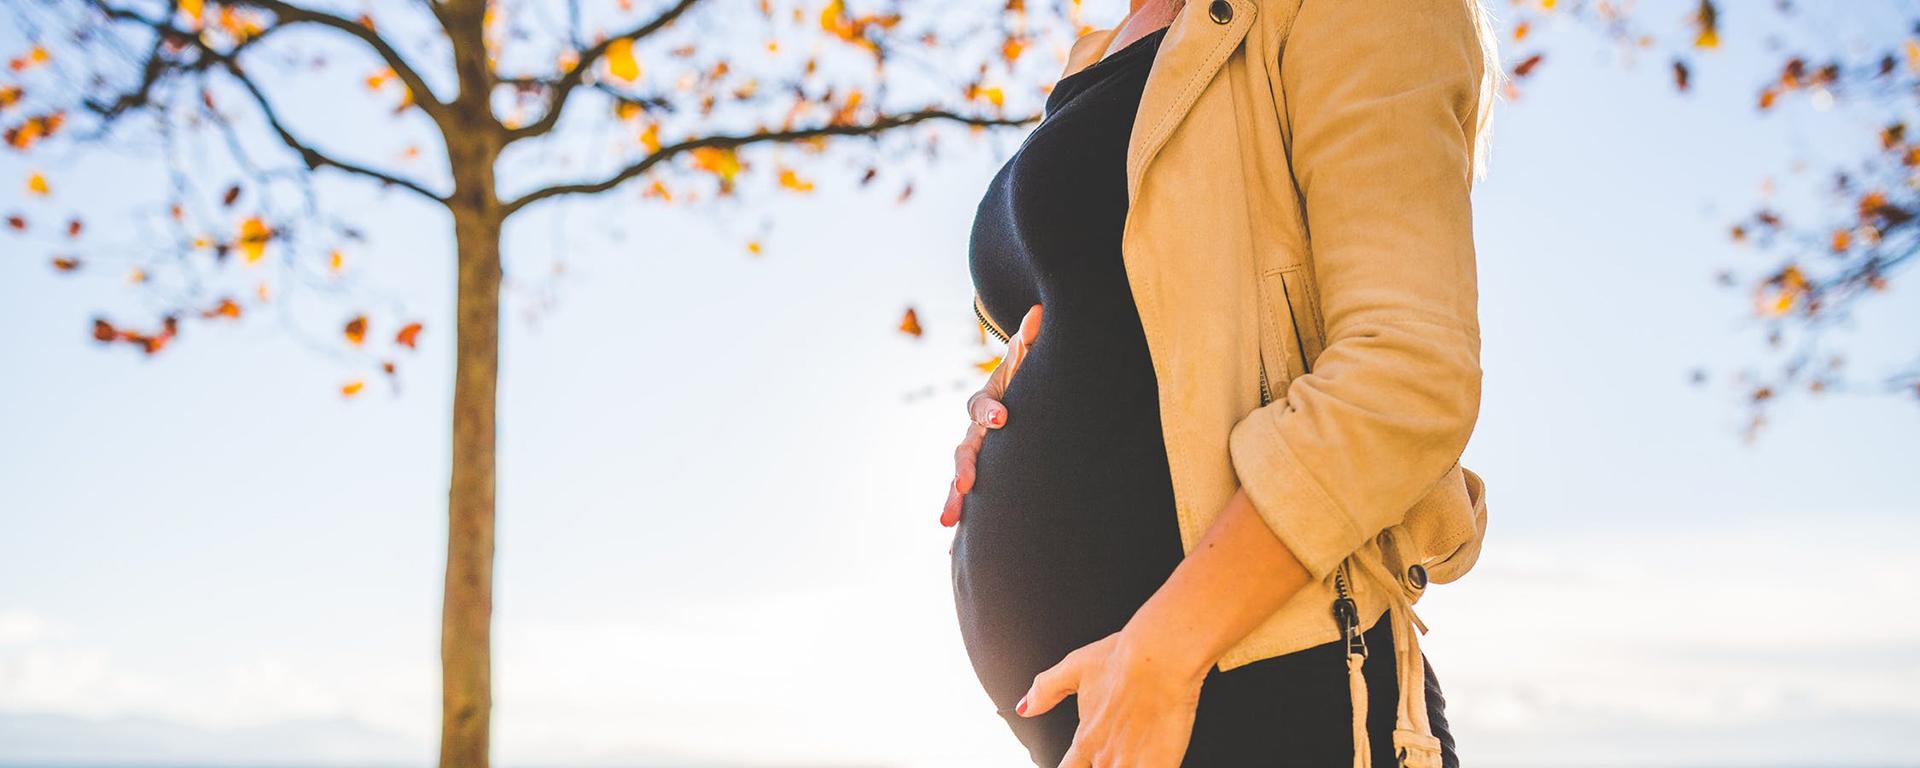 Суррогатное материнство и здоровье